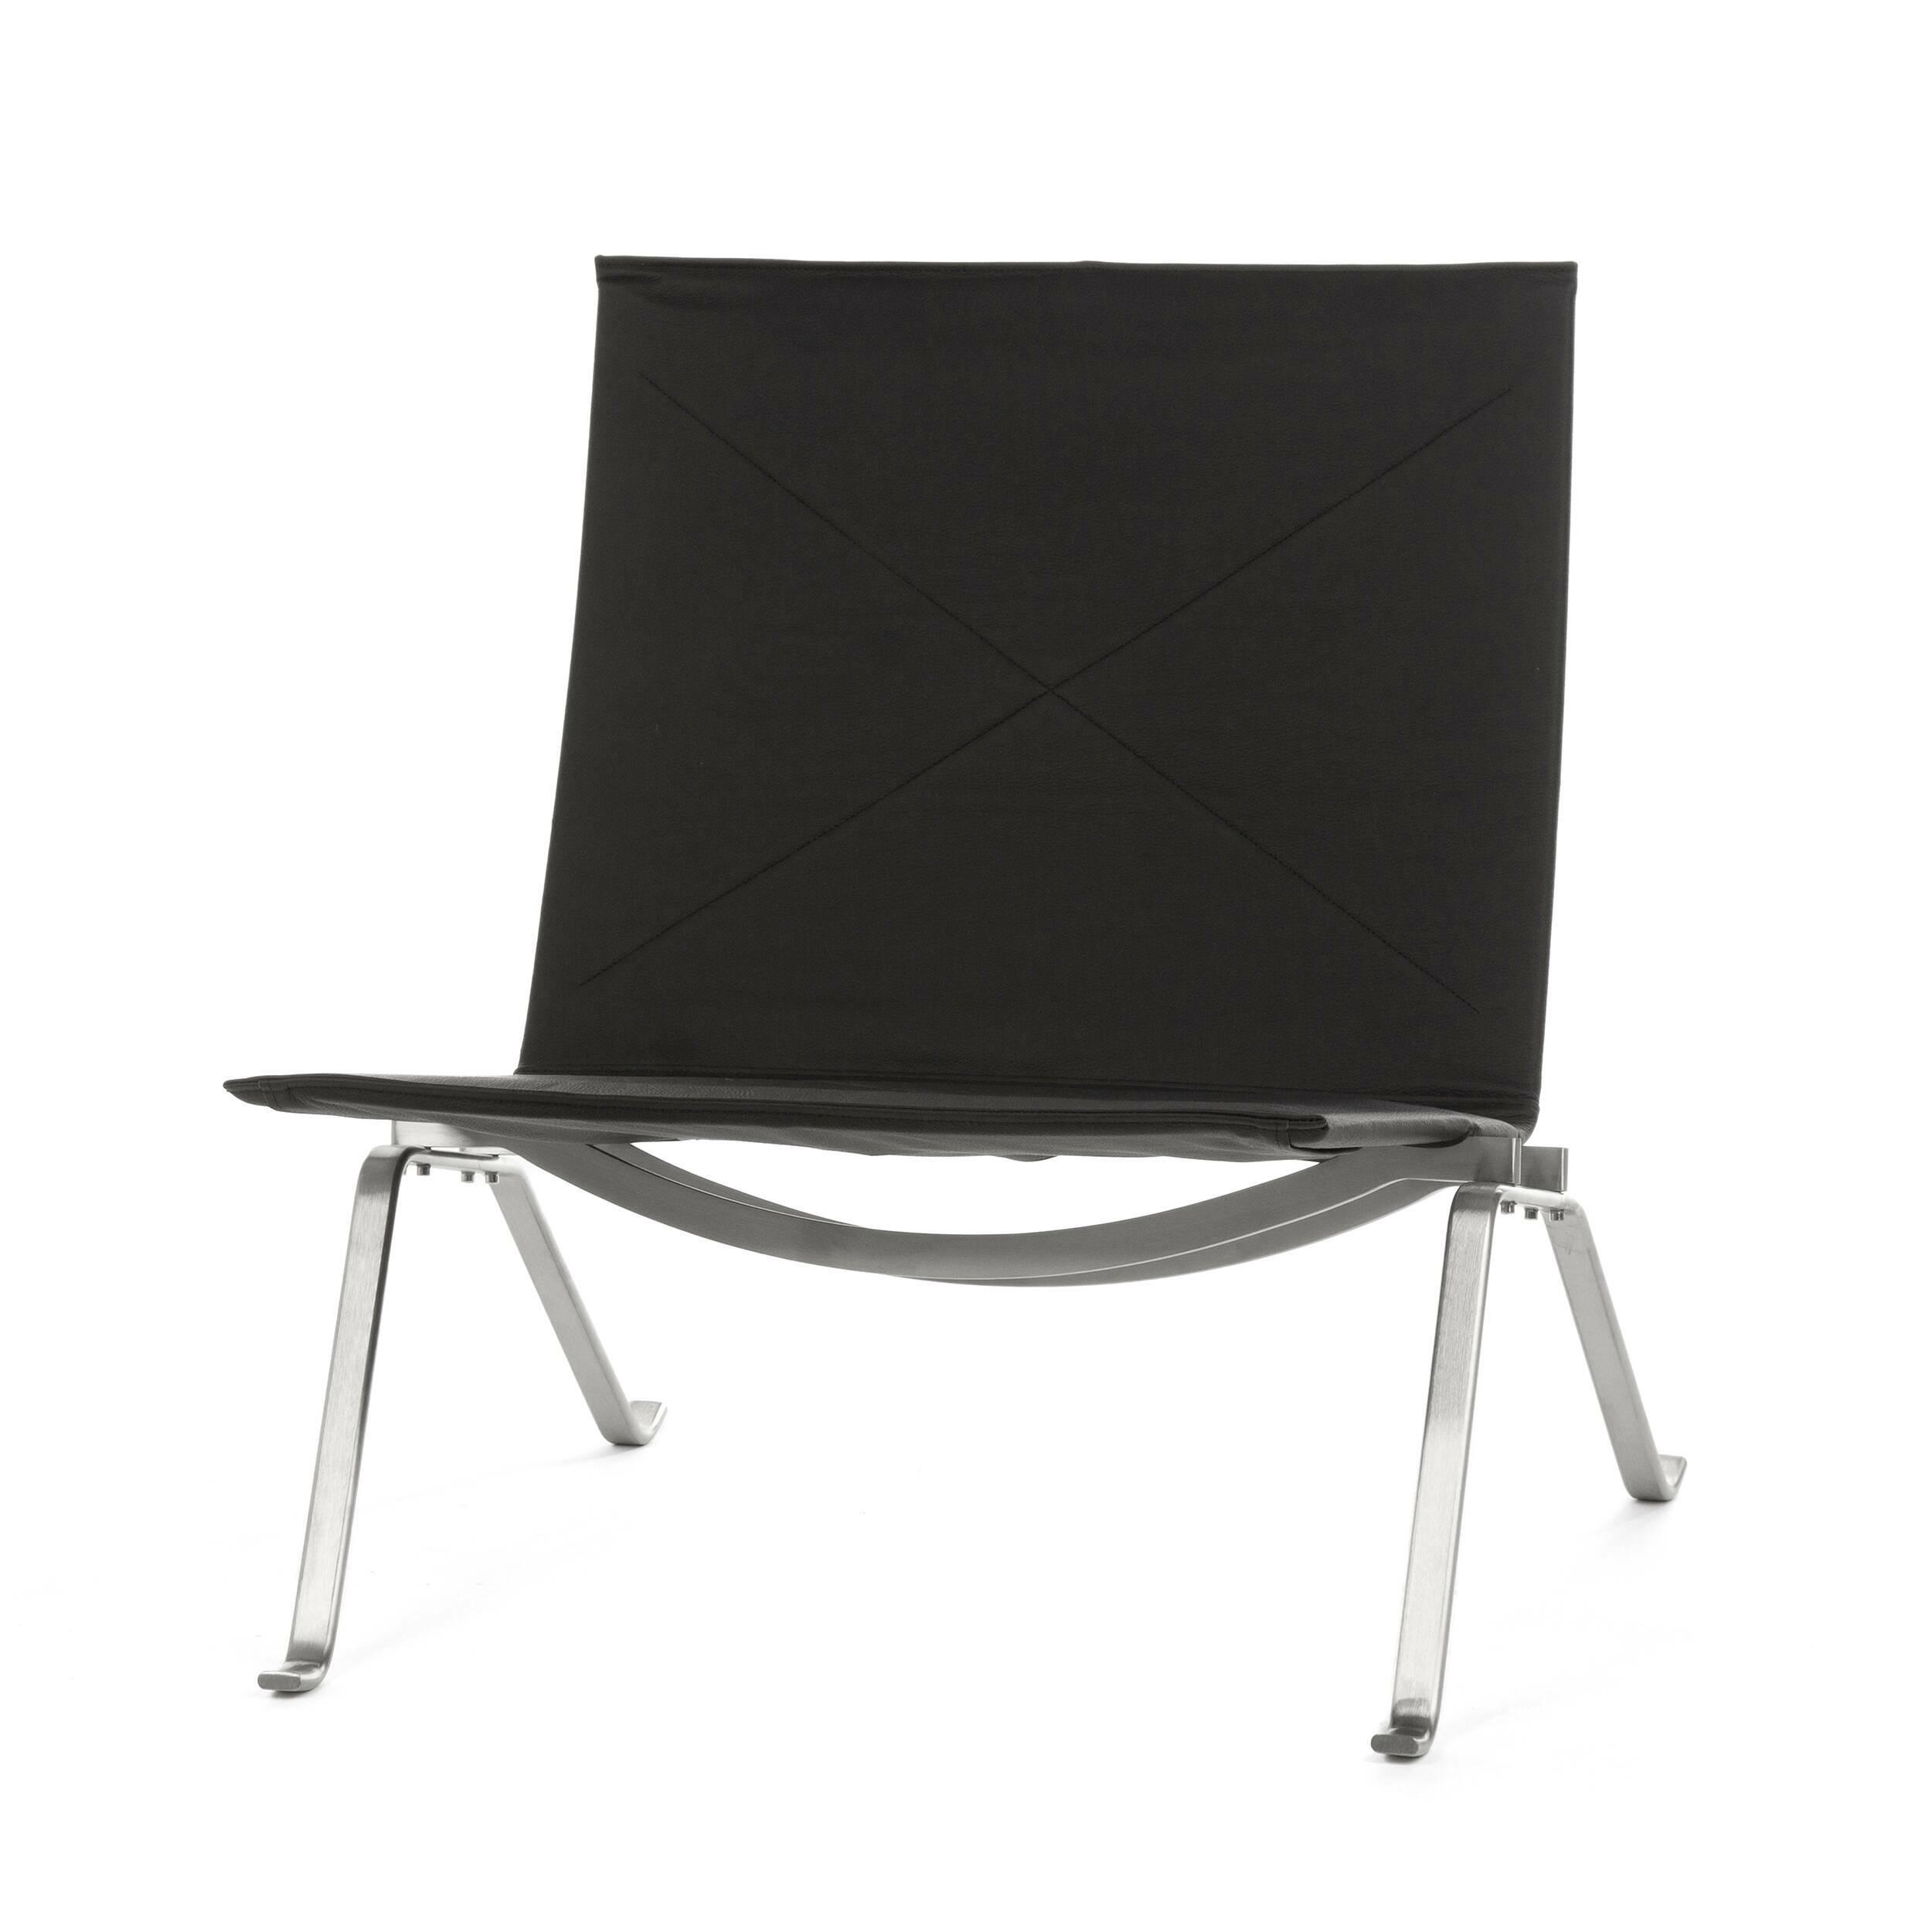 Кресло PK22 кожаноеИнтерьерные<br>Изящное и элегантное кресло PK22 кожаное воплощает в себе результат поиска идеальной формы приверженца минимализма Поуля Кьерхольма. Это кресло — один из символов датского дизайна вообще и Поуля Кьерхольма в частности. Мягкое кресло PK22 кожаное воплощает в себе простую элегантность — типичный стиль Кьерхольма: комбинация стали и ивового прута или кожи в исключительном дизайне и минимализме.<br><br><br><br><br> В 1957 году кресло PK22 было награждено Гран-при на Миланской триеннале — главной миров...<br><br>stock: 0<br>Высота: 71<br>Высота сиденья: 36<br>Ширина: 63<br>Глубина: 64,5<br>Цвет ножек: Хром<br>Коллекция ткани: Standart Leather<br>Тип материала обивки: Кожа<br>Тип материала ножек: Сталь нержавеющая<br>Цвет обивки: Черный